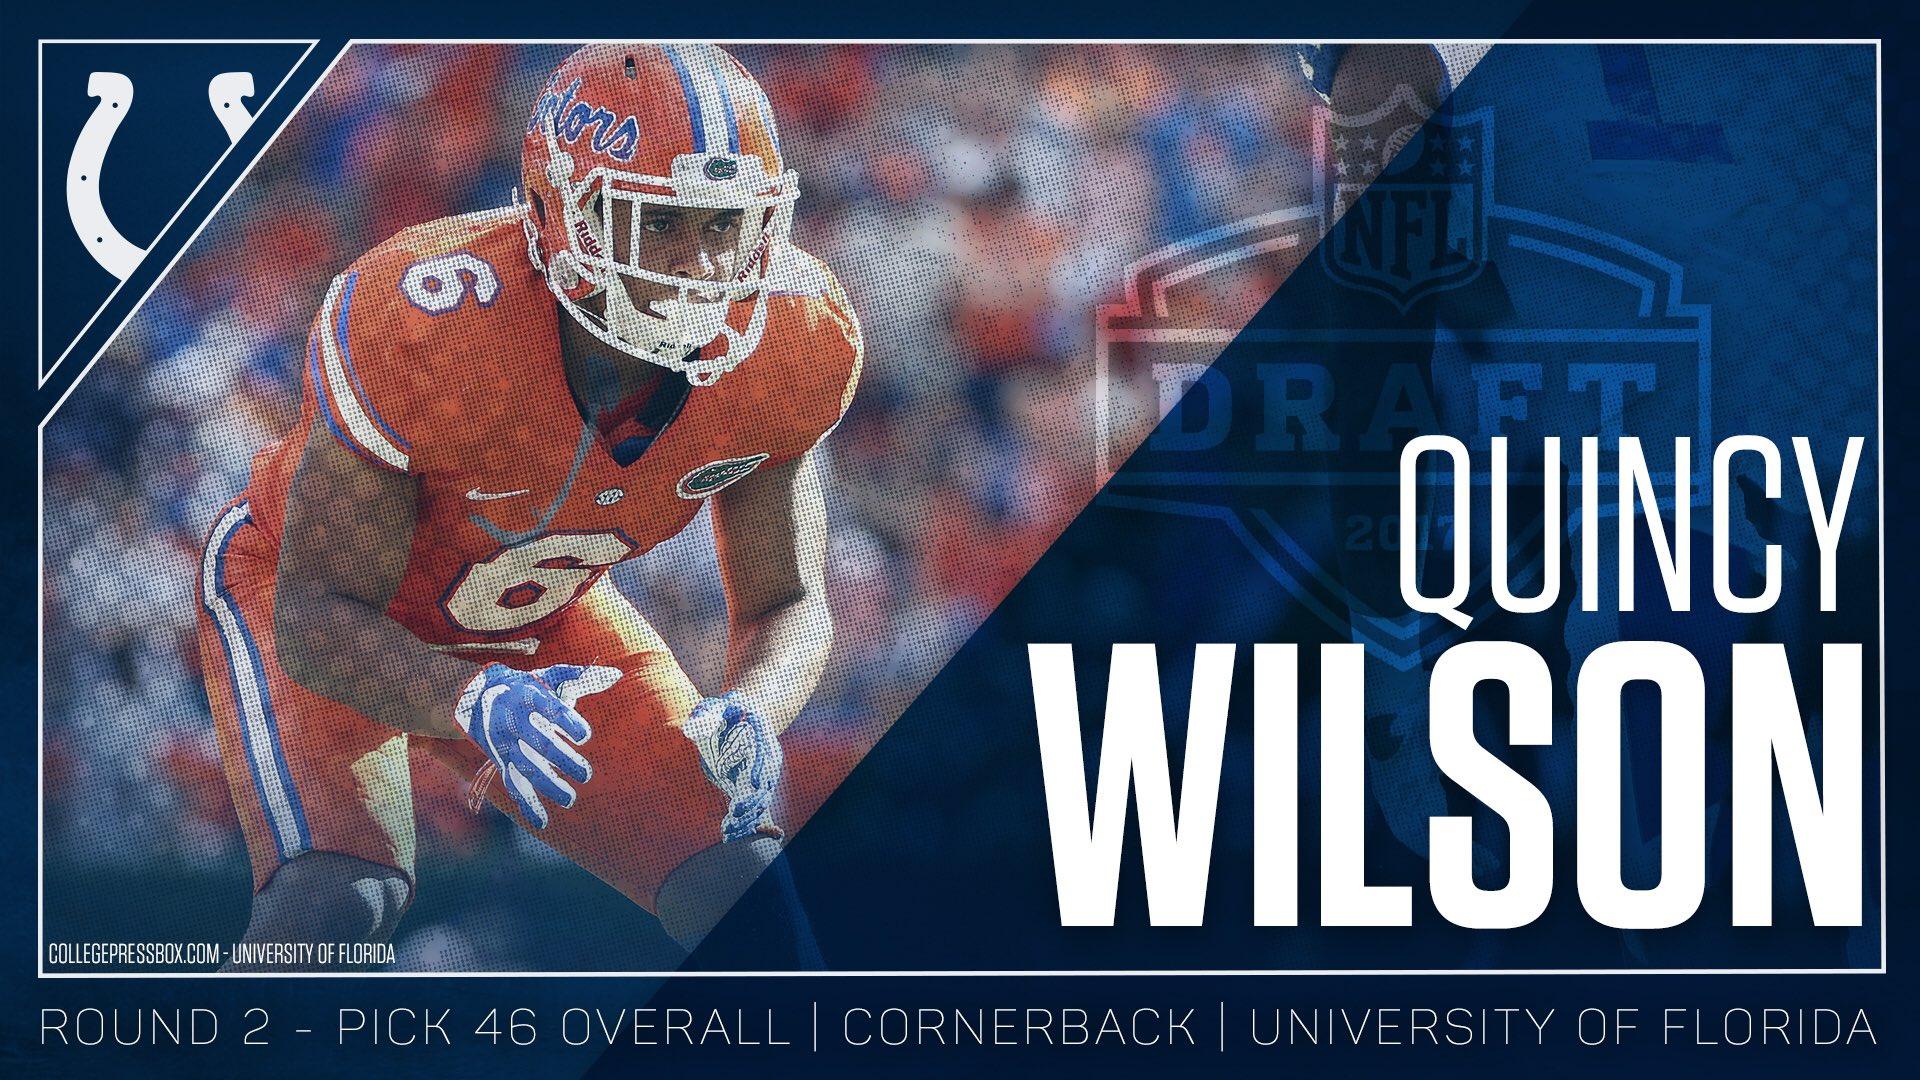 Welcome to the horseshoe, Quincy Wilson!   #ColtsDraft #NFLDraft https://t.co/eCUOjGke5G